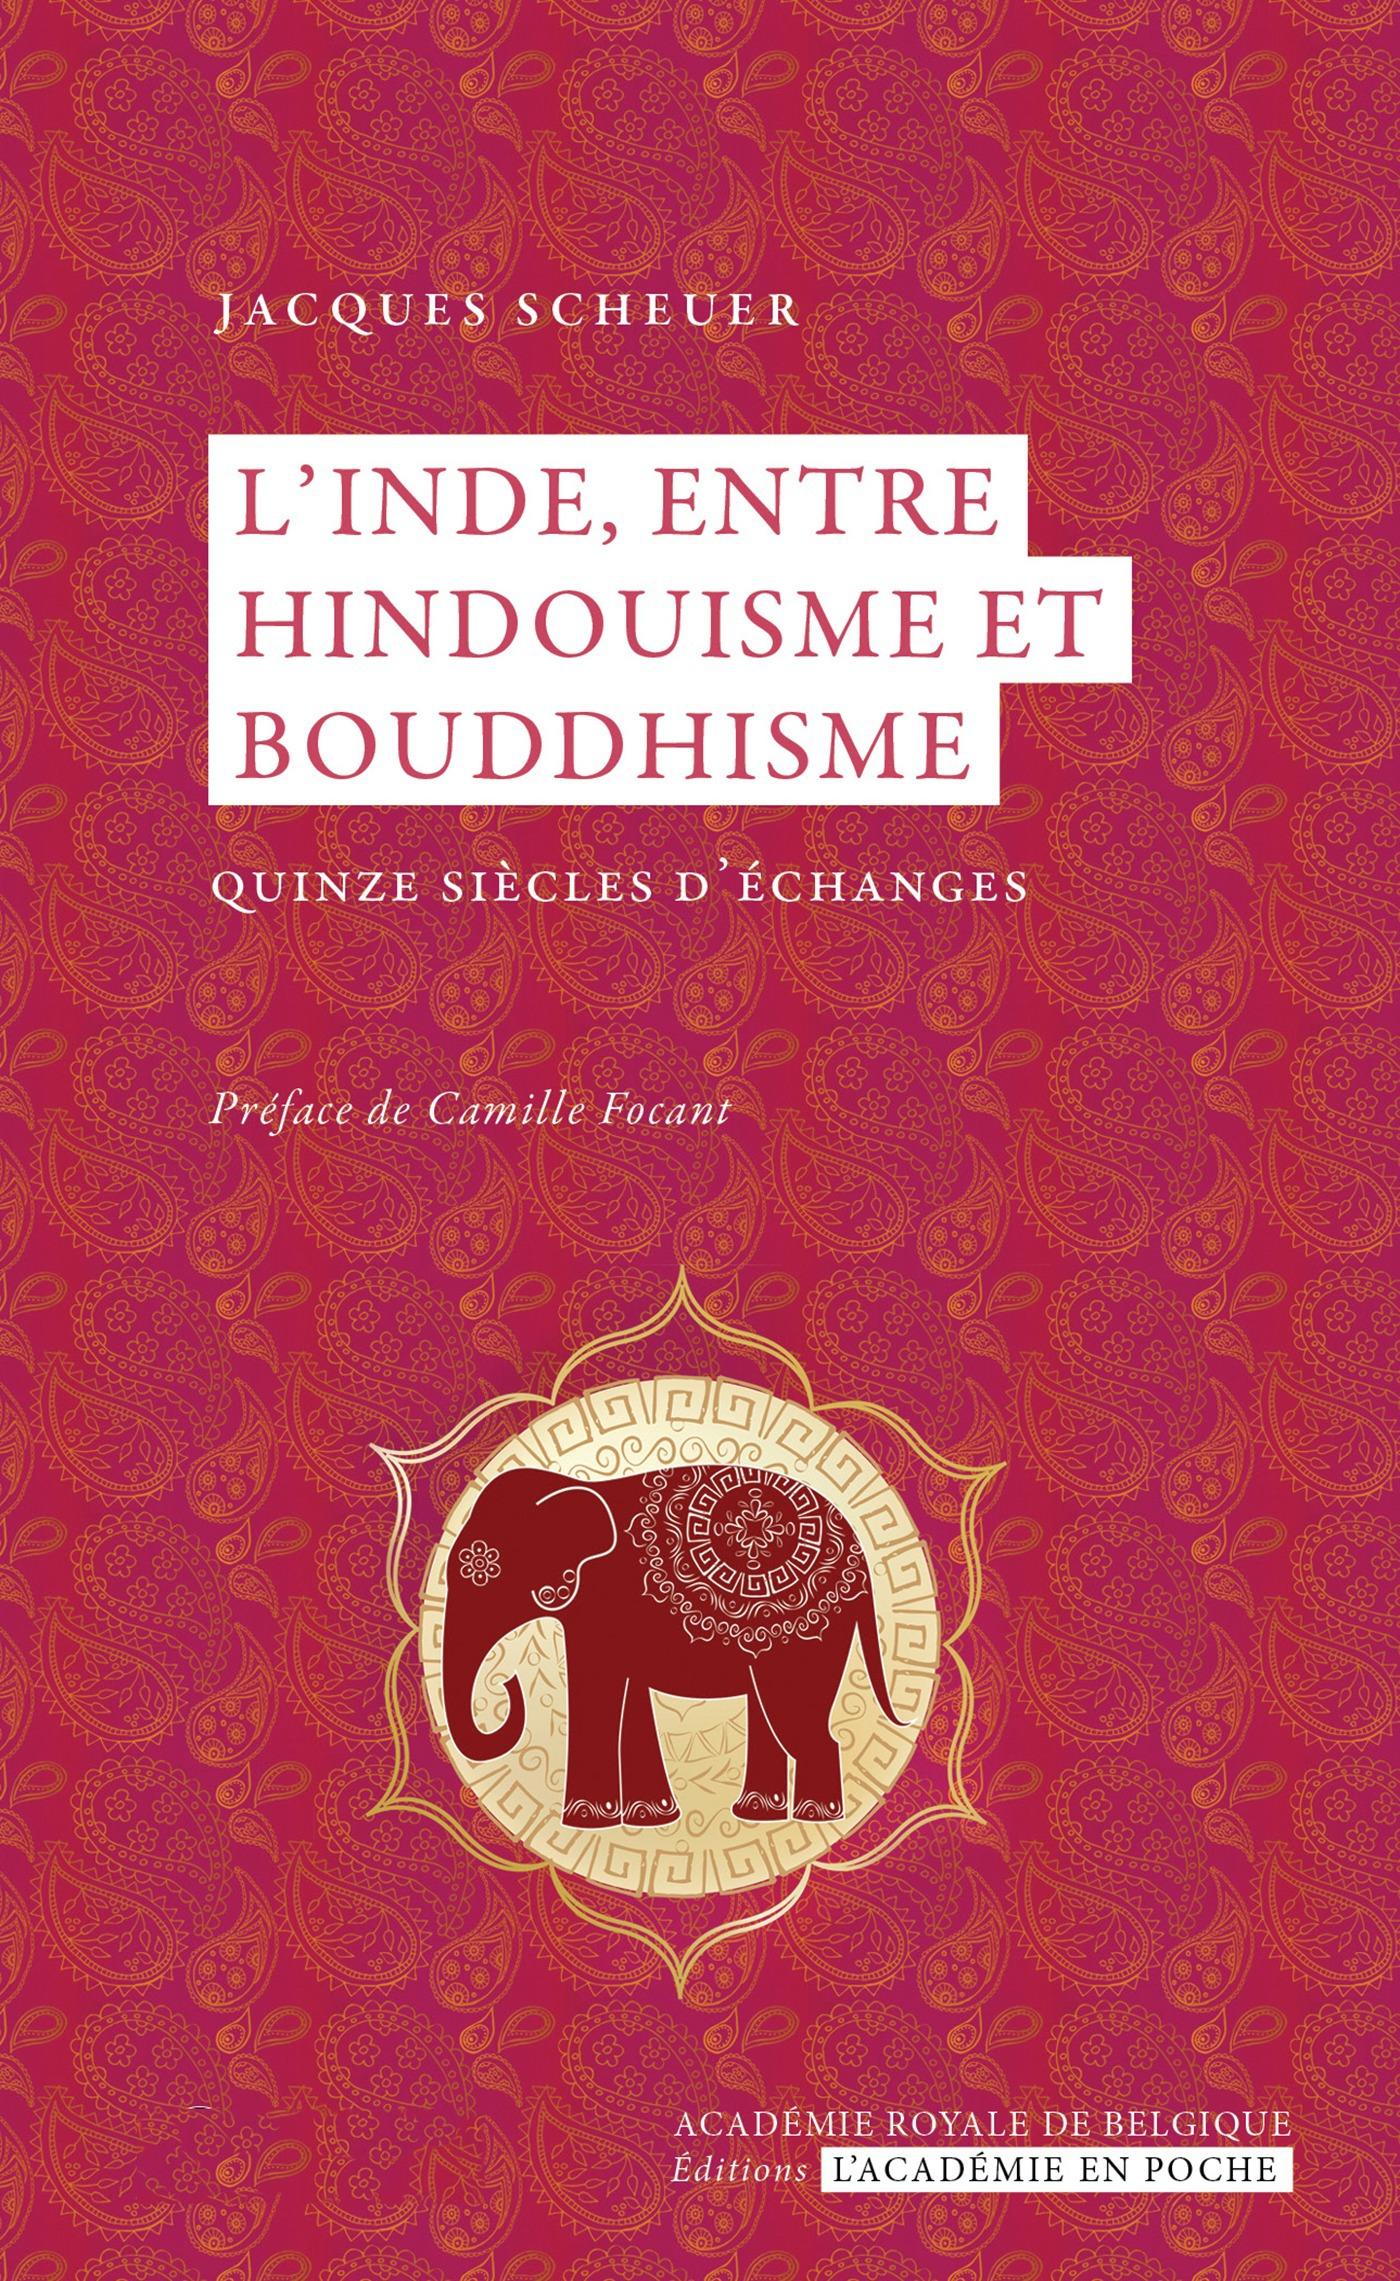 L'Inde, entre bouddhisme et hindouisme